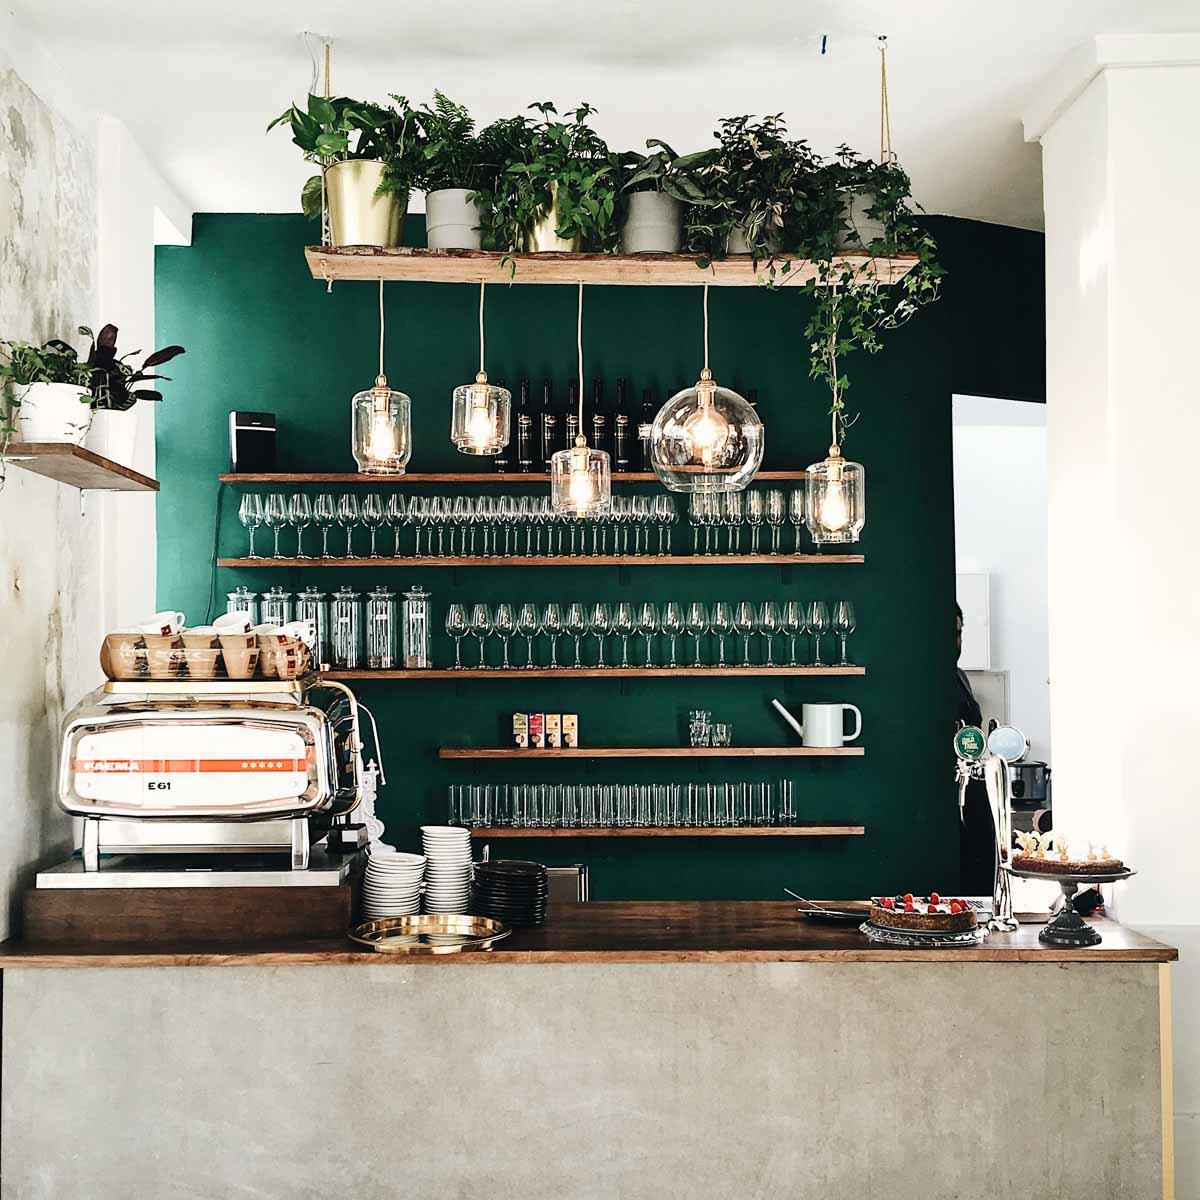 Café Hildebrandt im Gartenpalais Schönborn in Wien-2